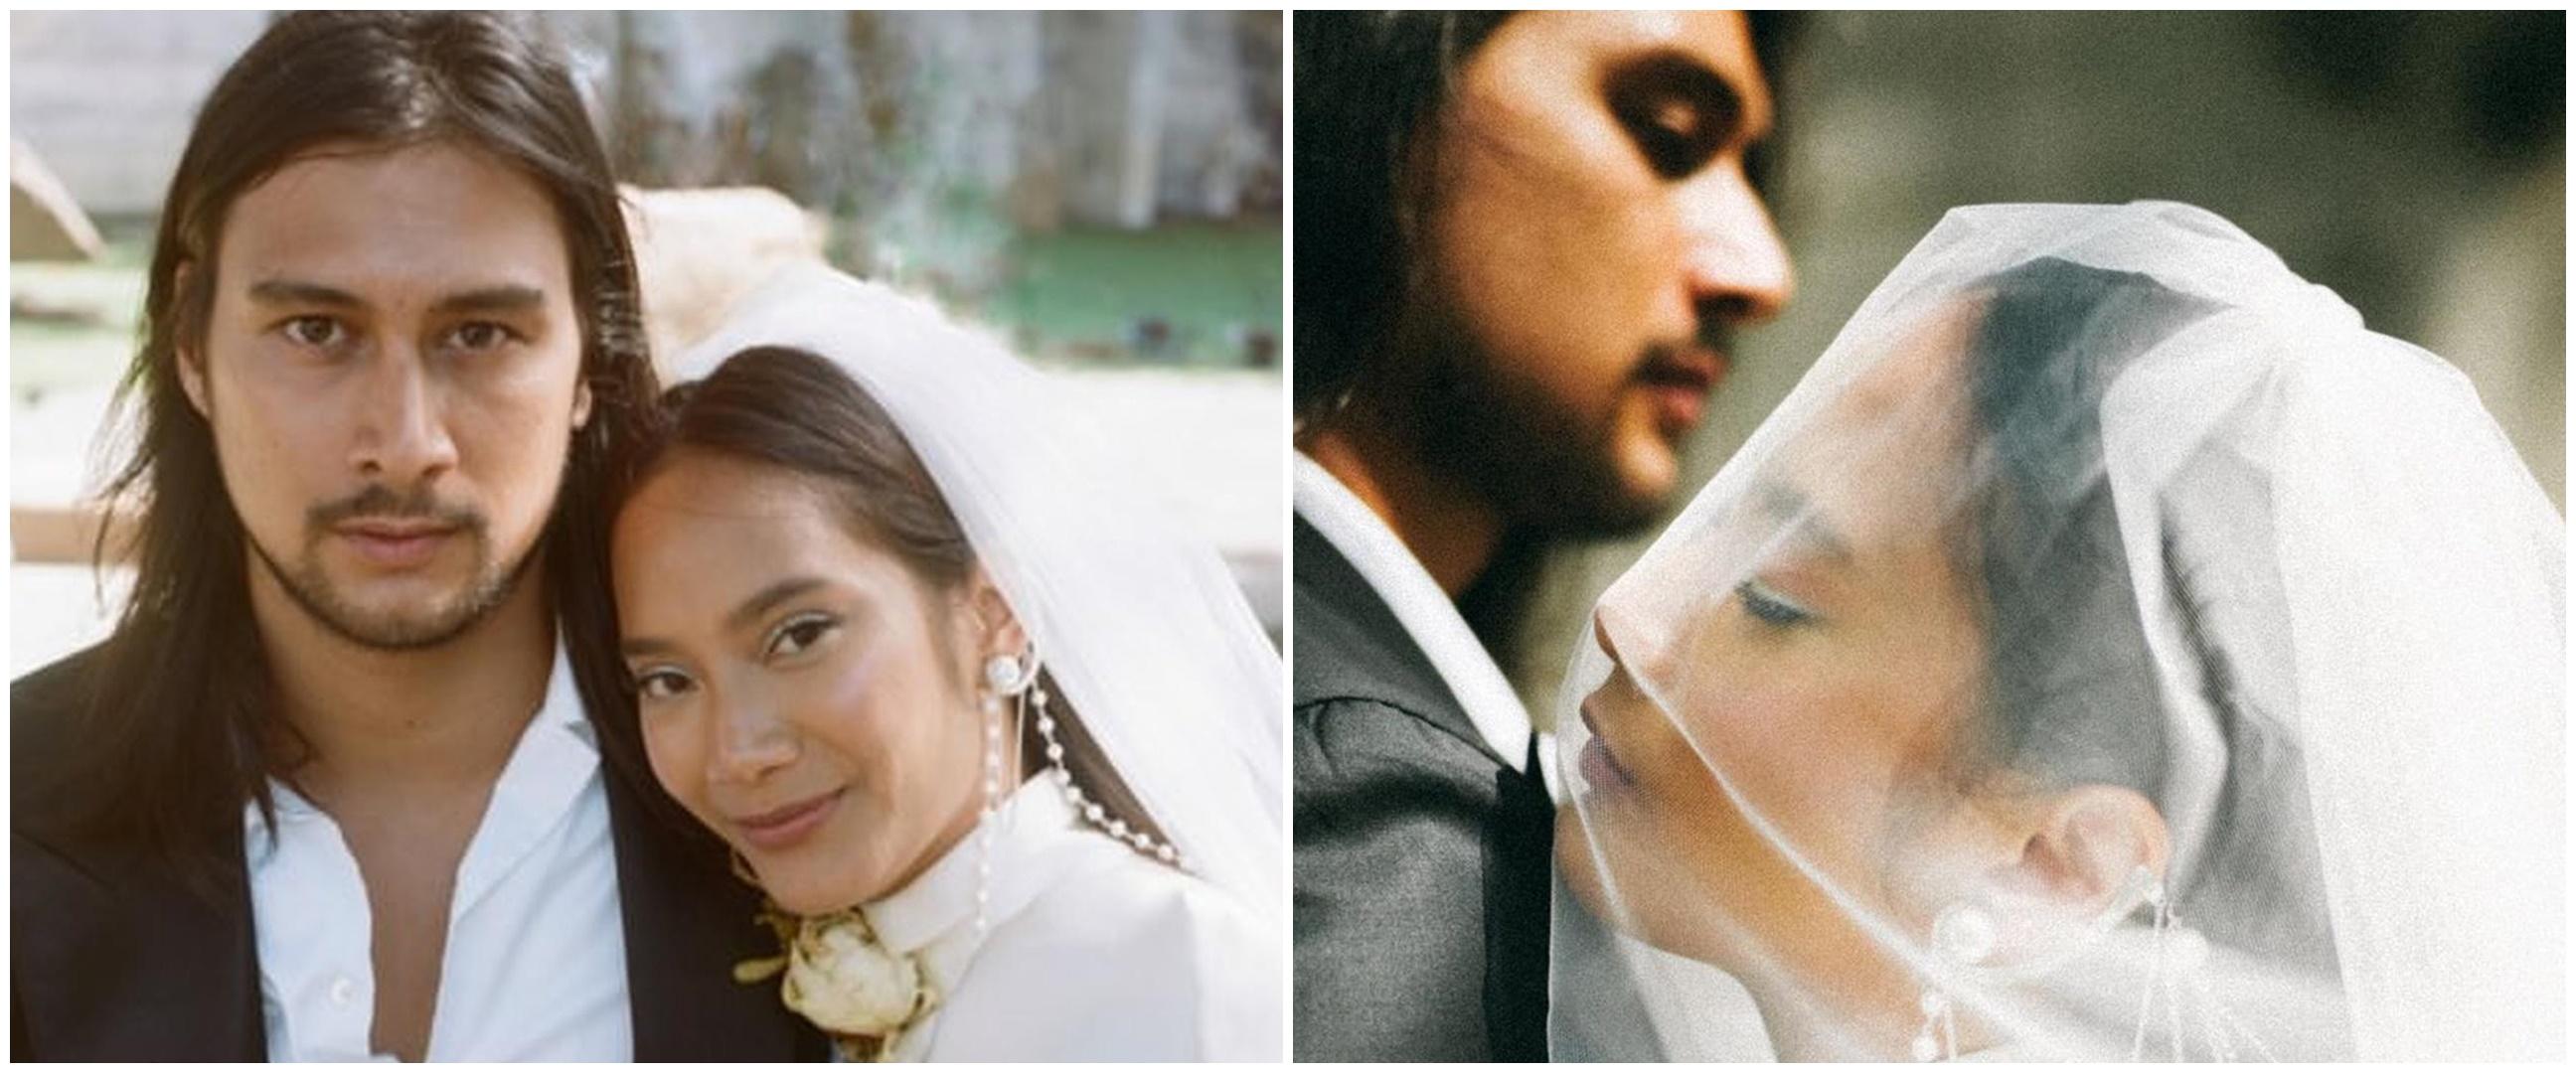 Gelar acara pernikahan di Wot Batu Bandung, ini alasan Tara Basro